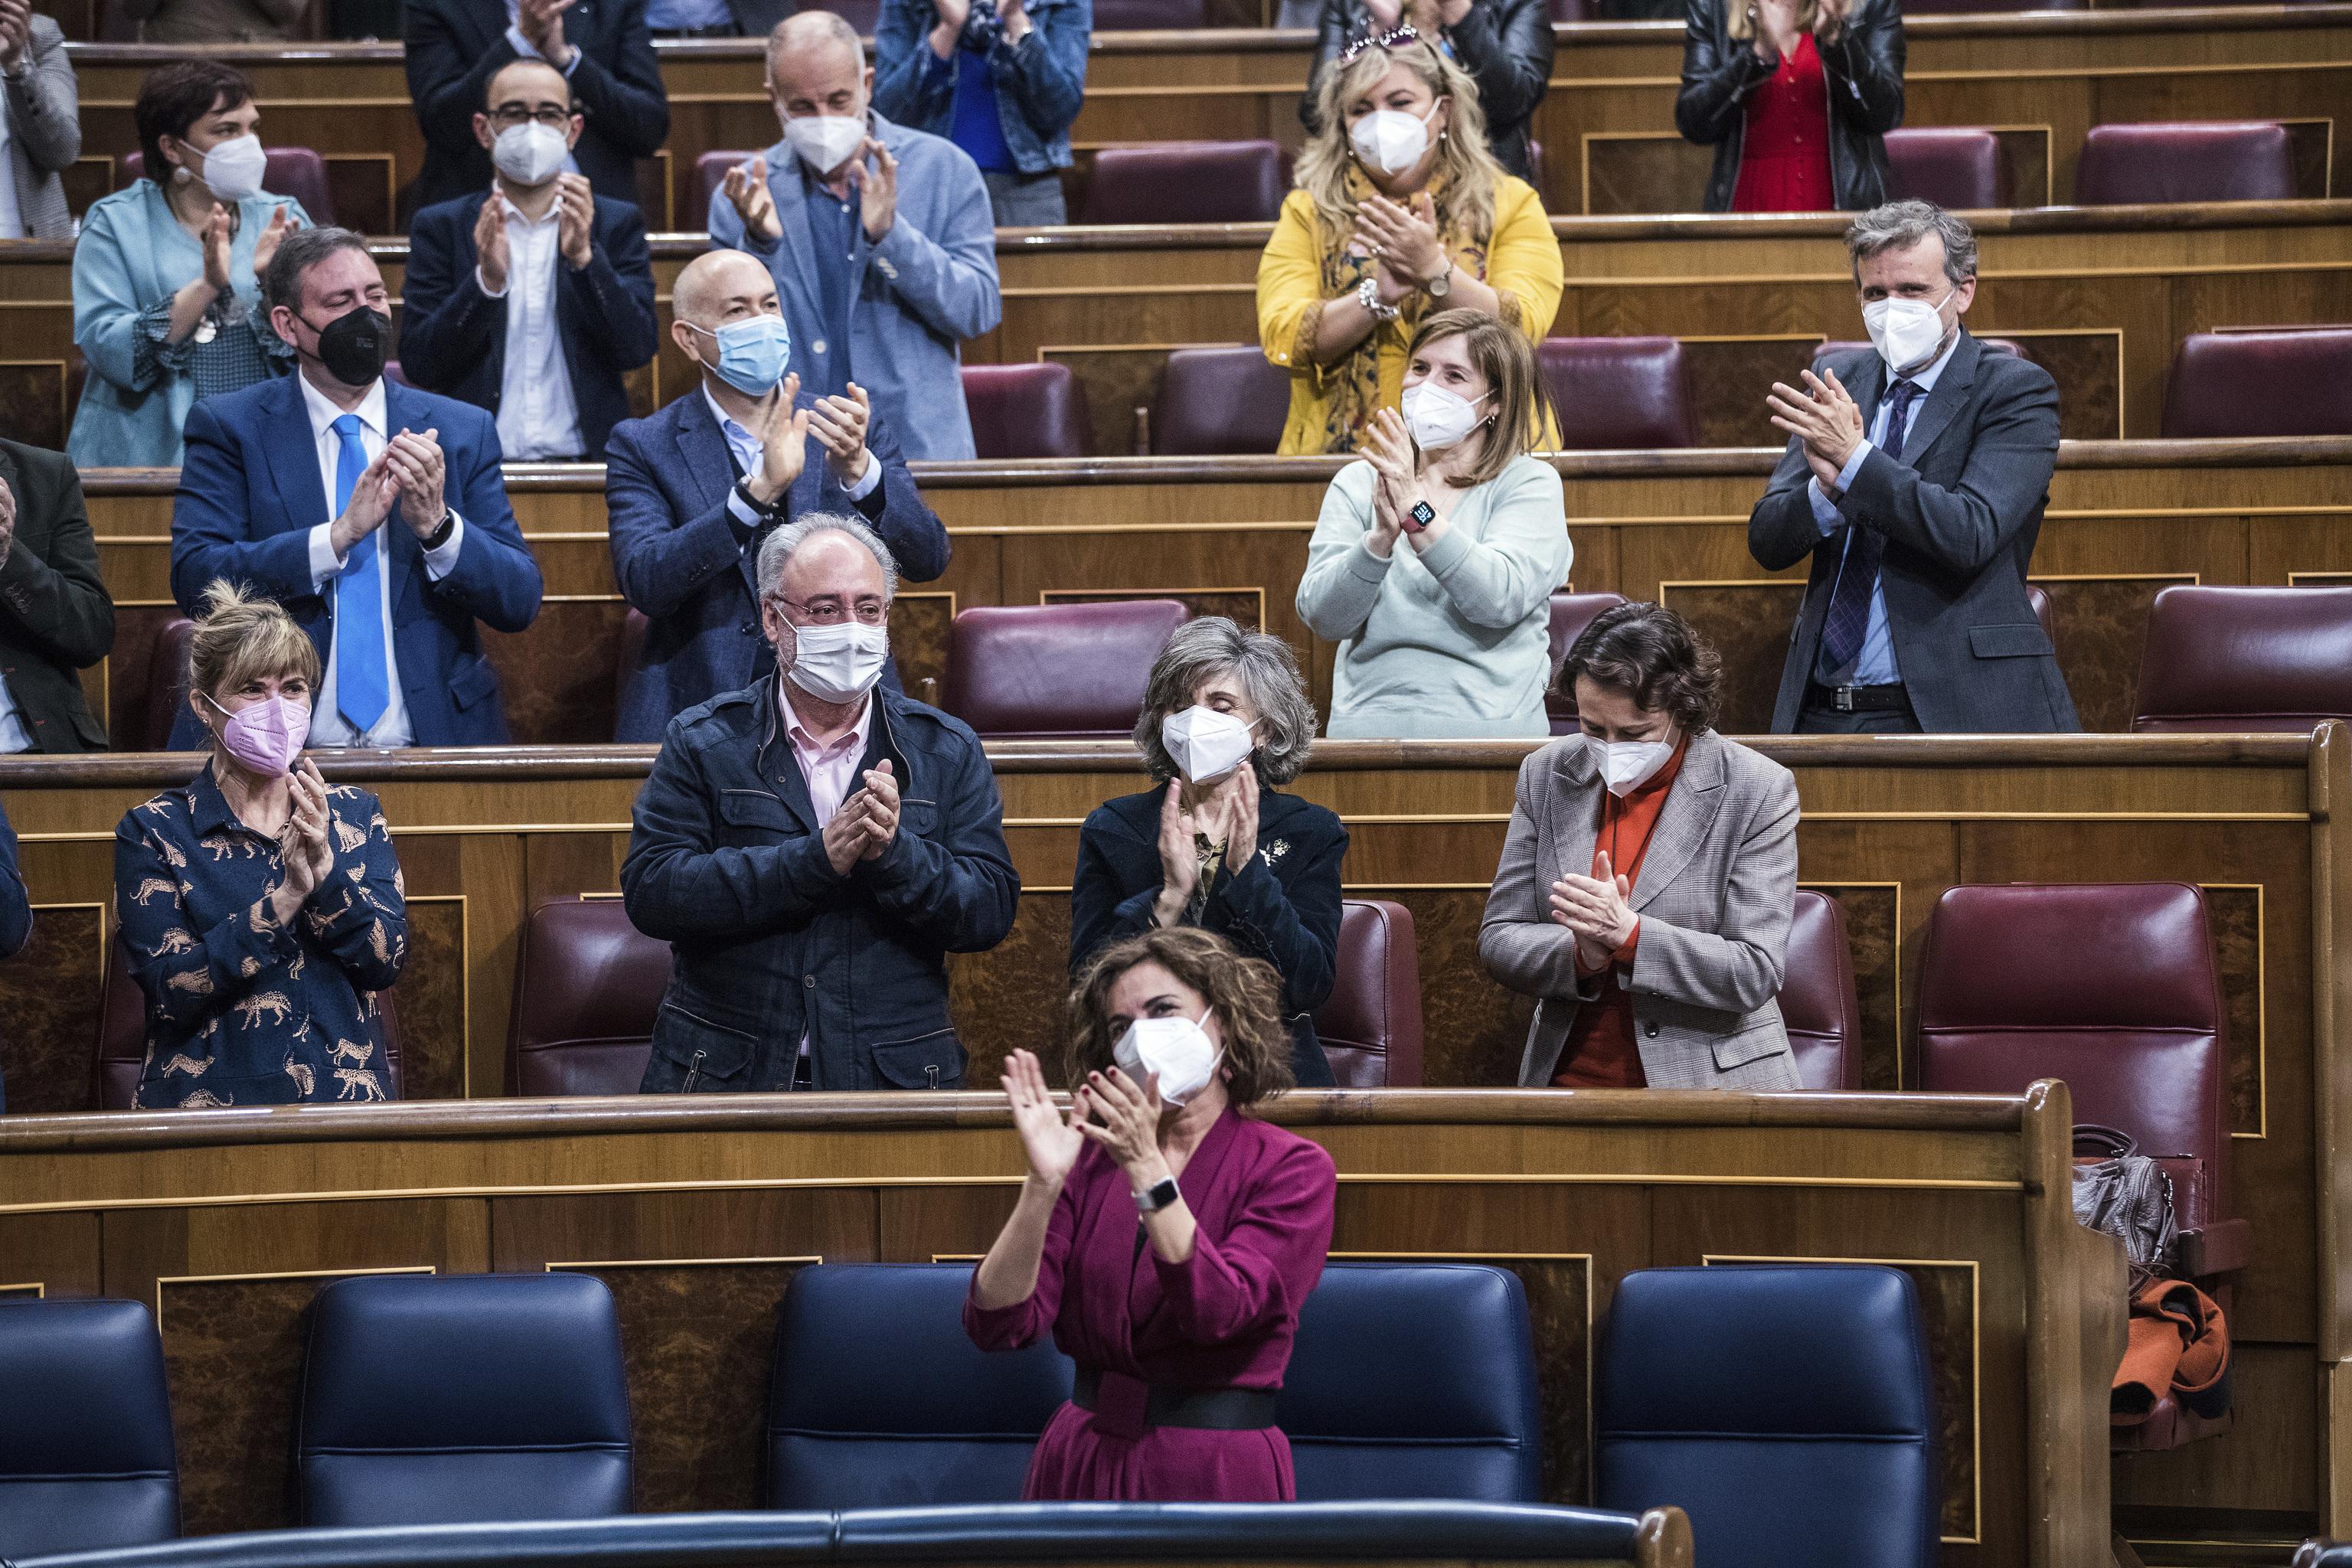 Aplausos en el Congreso tras aprobarse la Ley de Eutanasia.